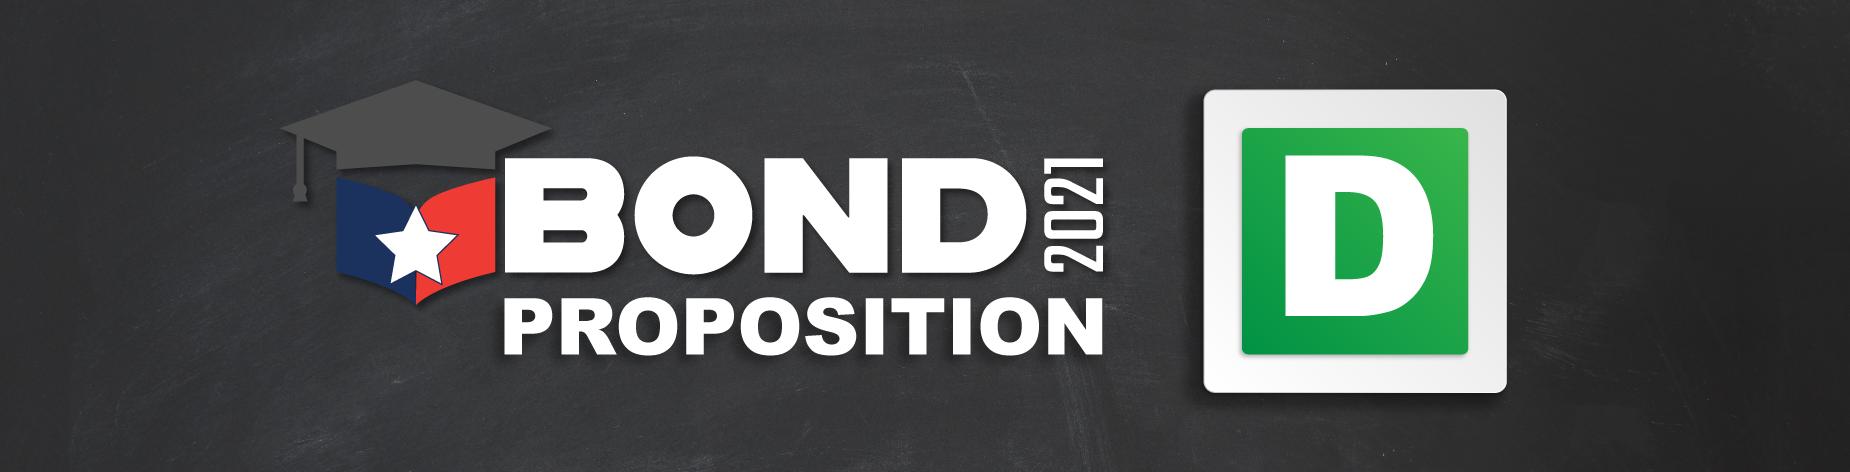 Bond Proposition D Banner